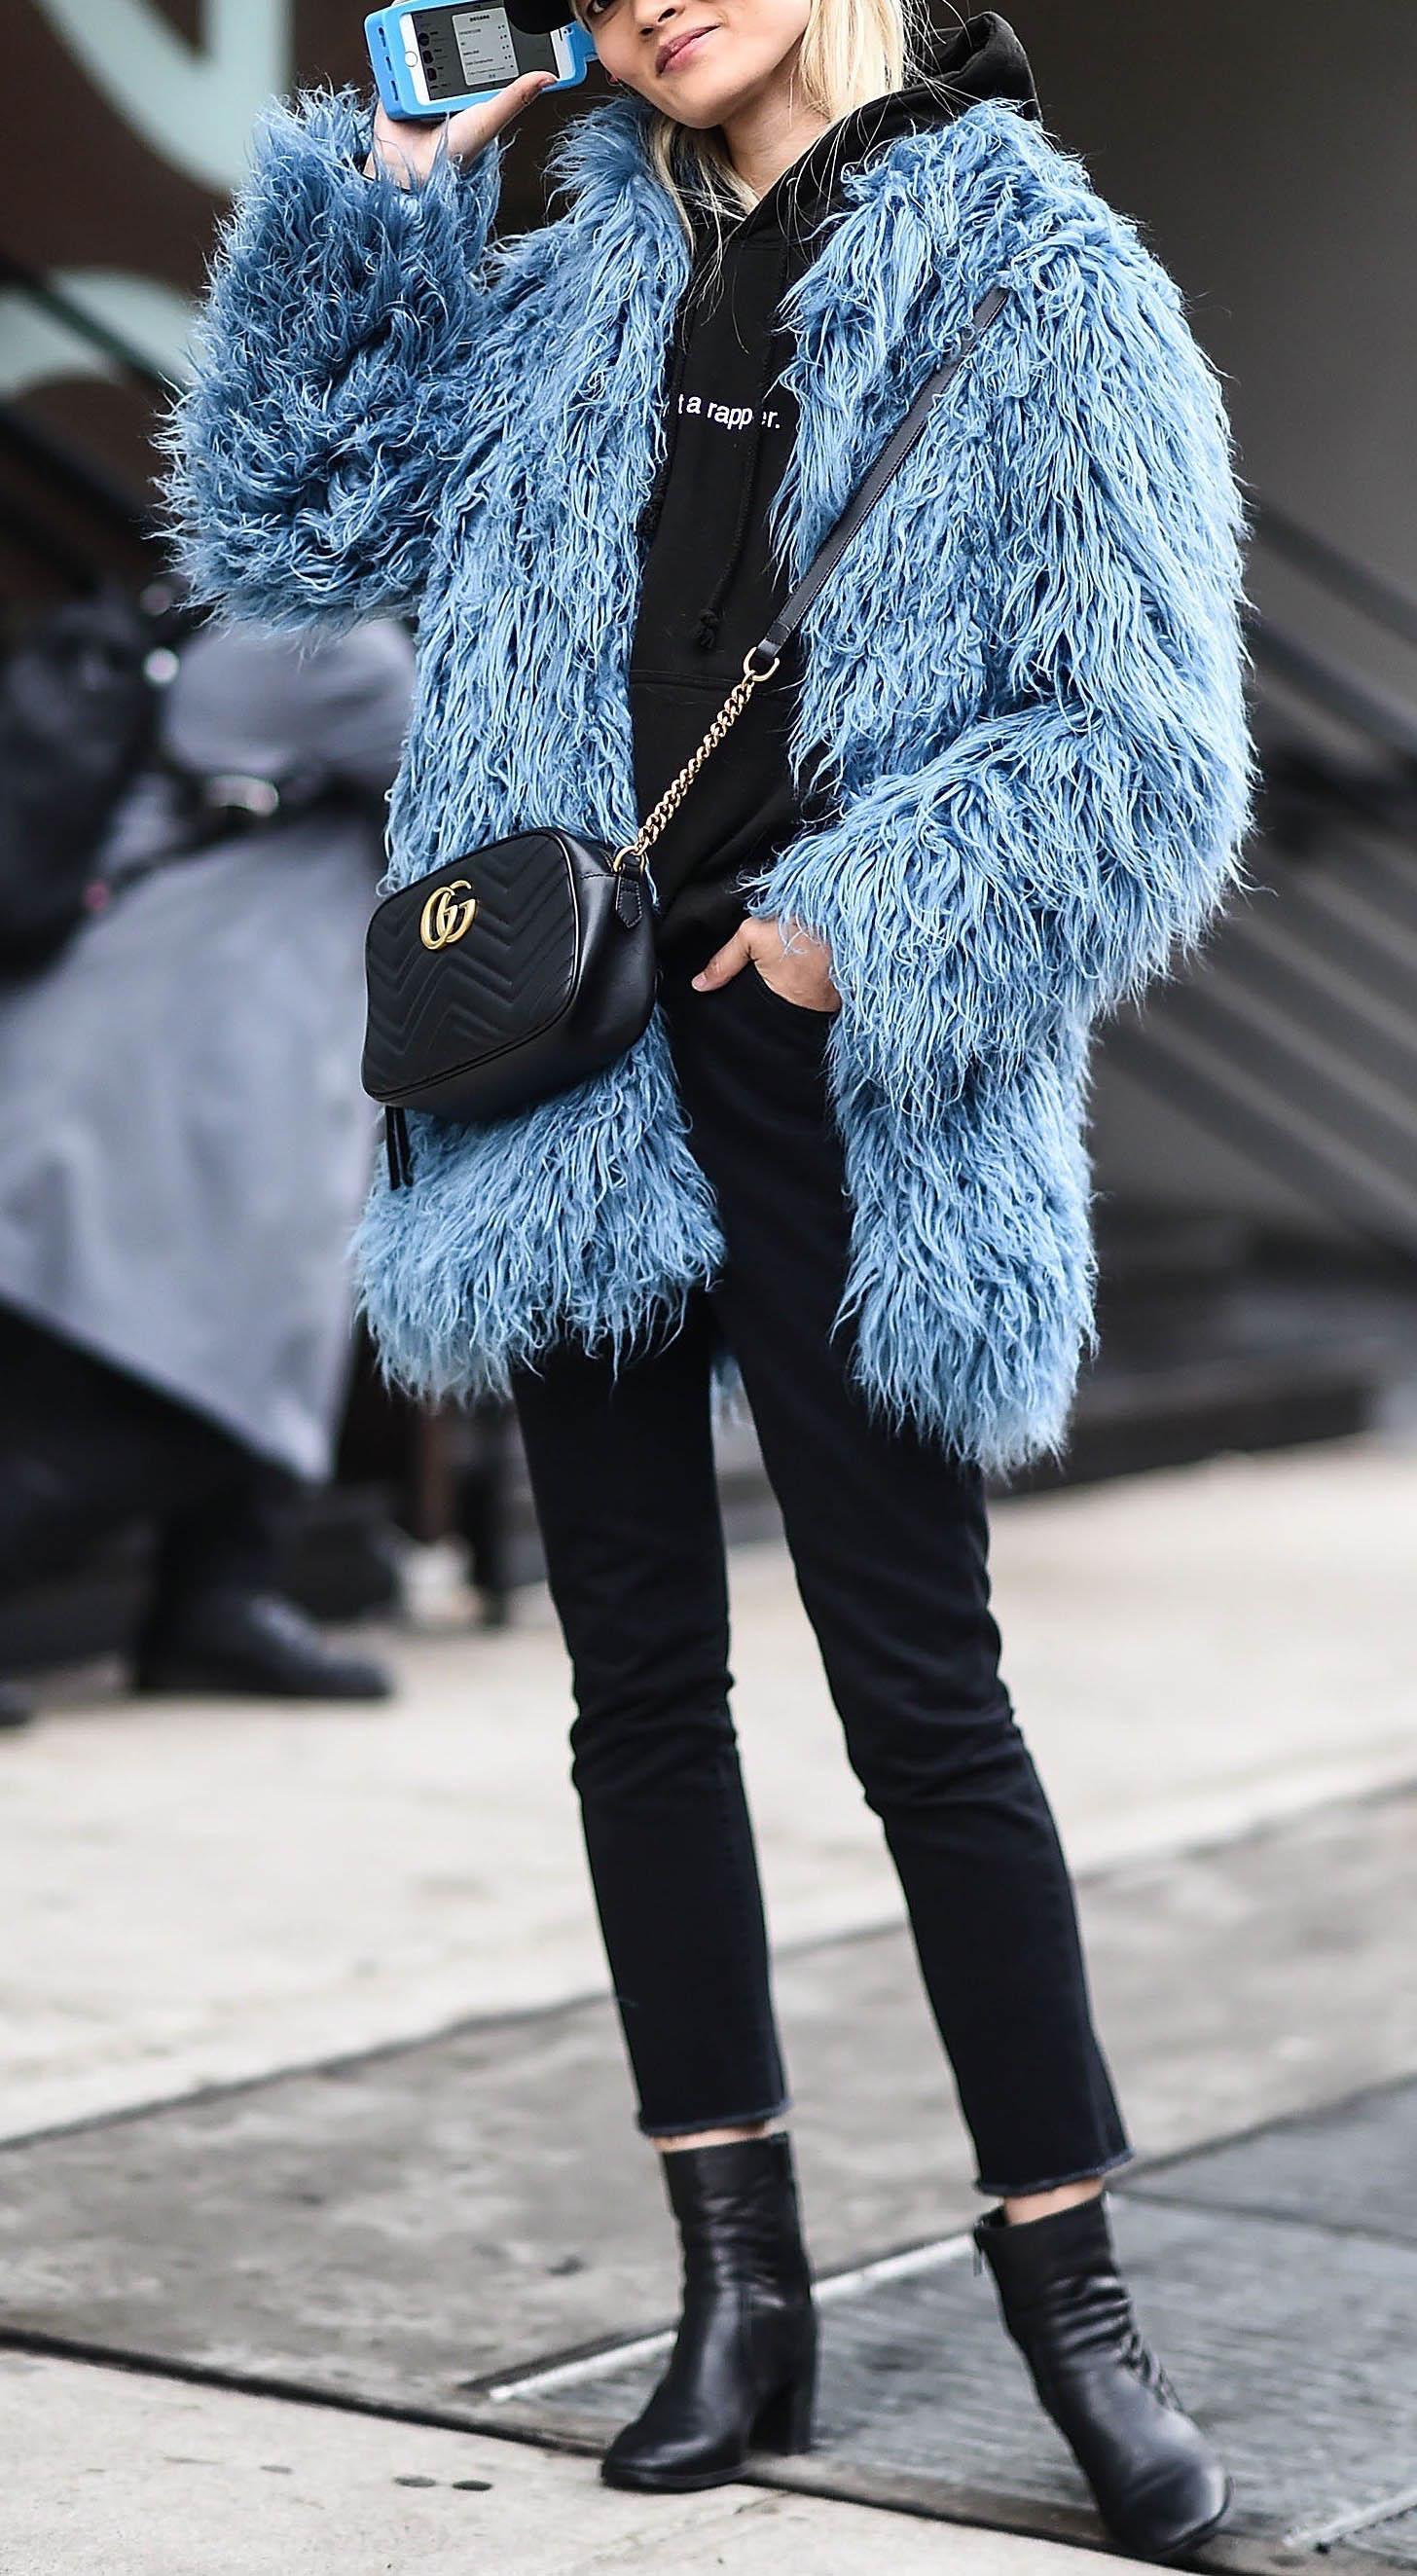 black-skinny-jeans-black-sweater-sweatshirt-hoodie-black-bag-blue-light-jacket-coat-fur-black-shoe-booties-fall-winter-weekend.jpg